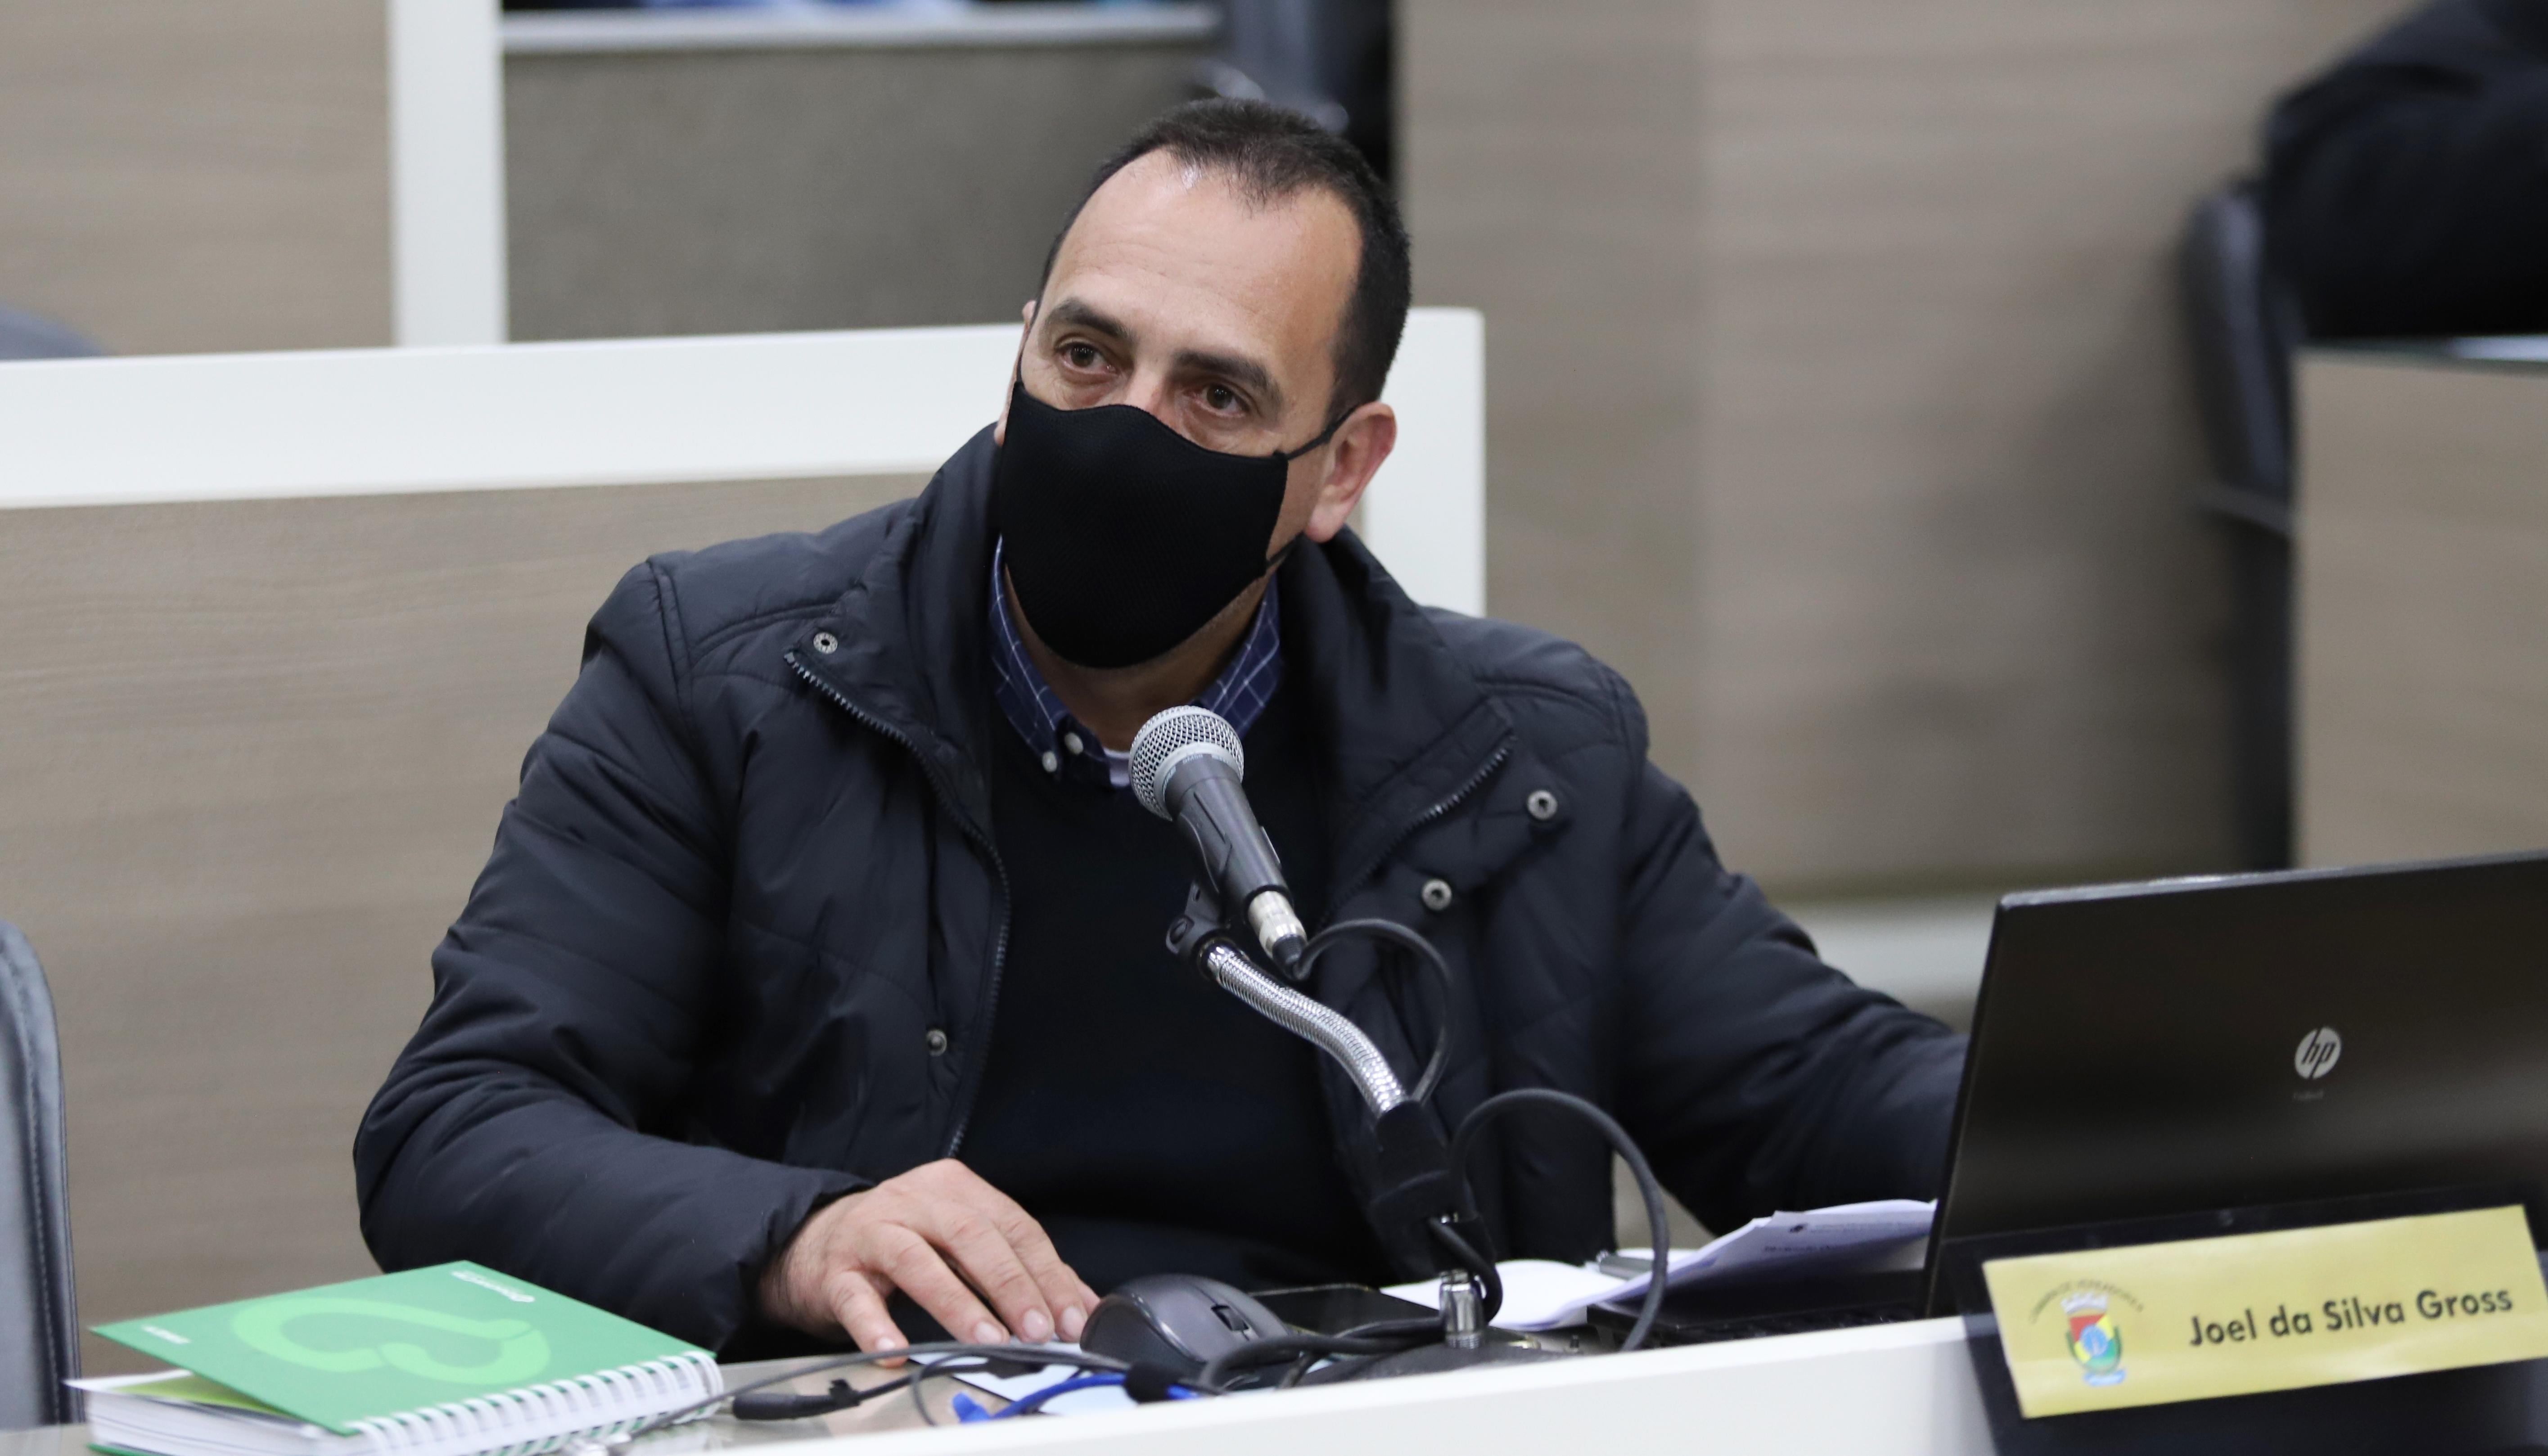 Joel Gross retorna à Câmara na vaga de Raizer Ferreira